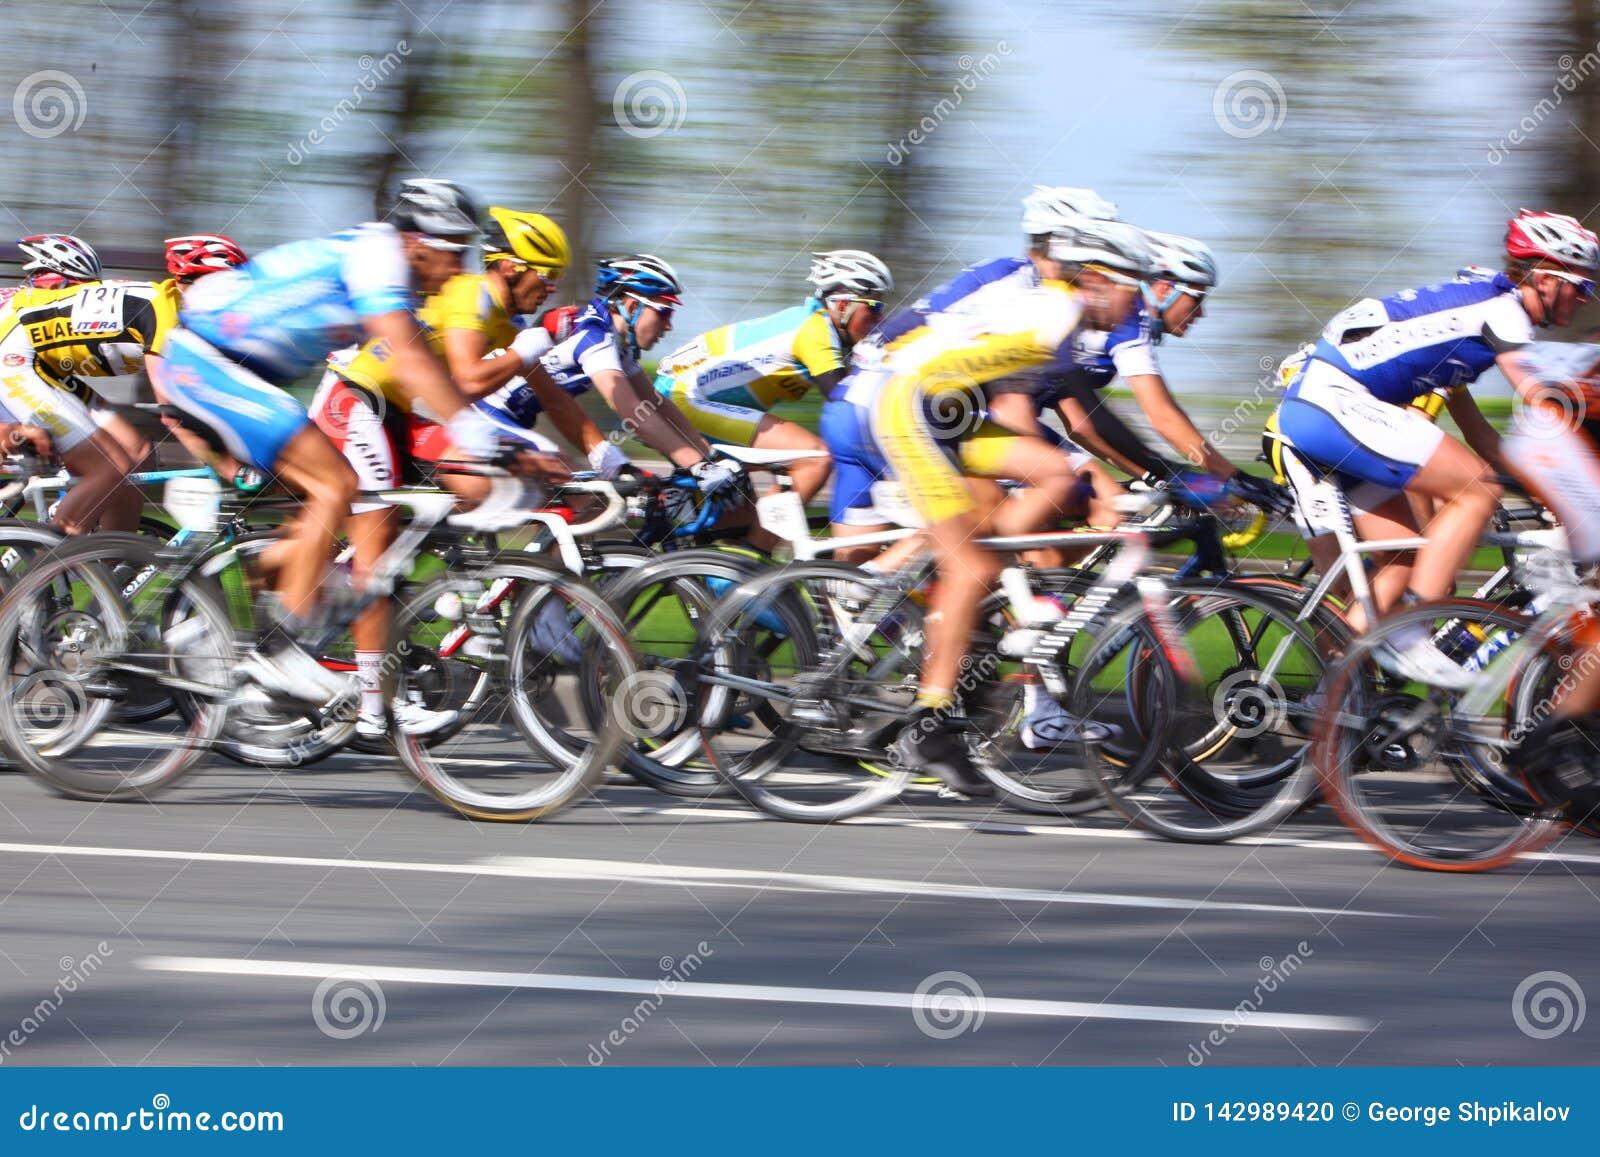 MOSKOU, RUSLAND - 6 Mei 2002: Het cirkelen marathon, langs stadsstraten, vertroebelde motieclose-up op blauw en geel